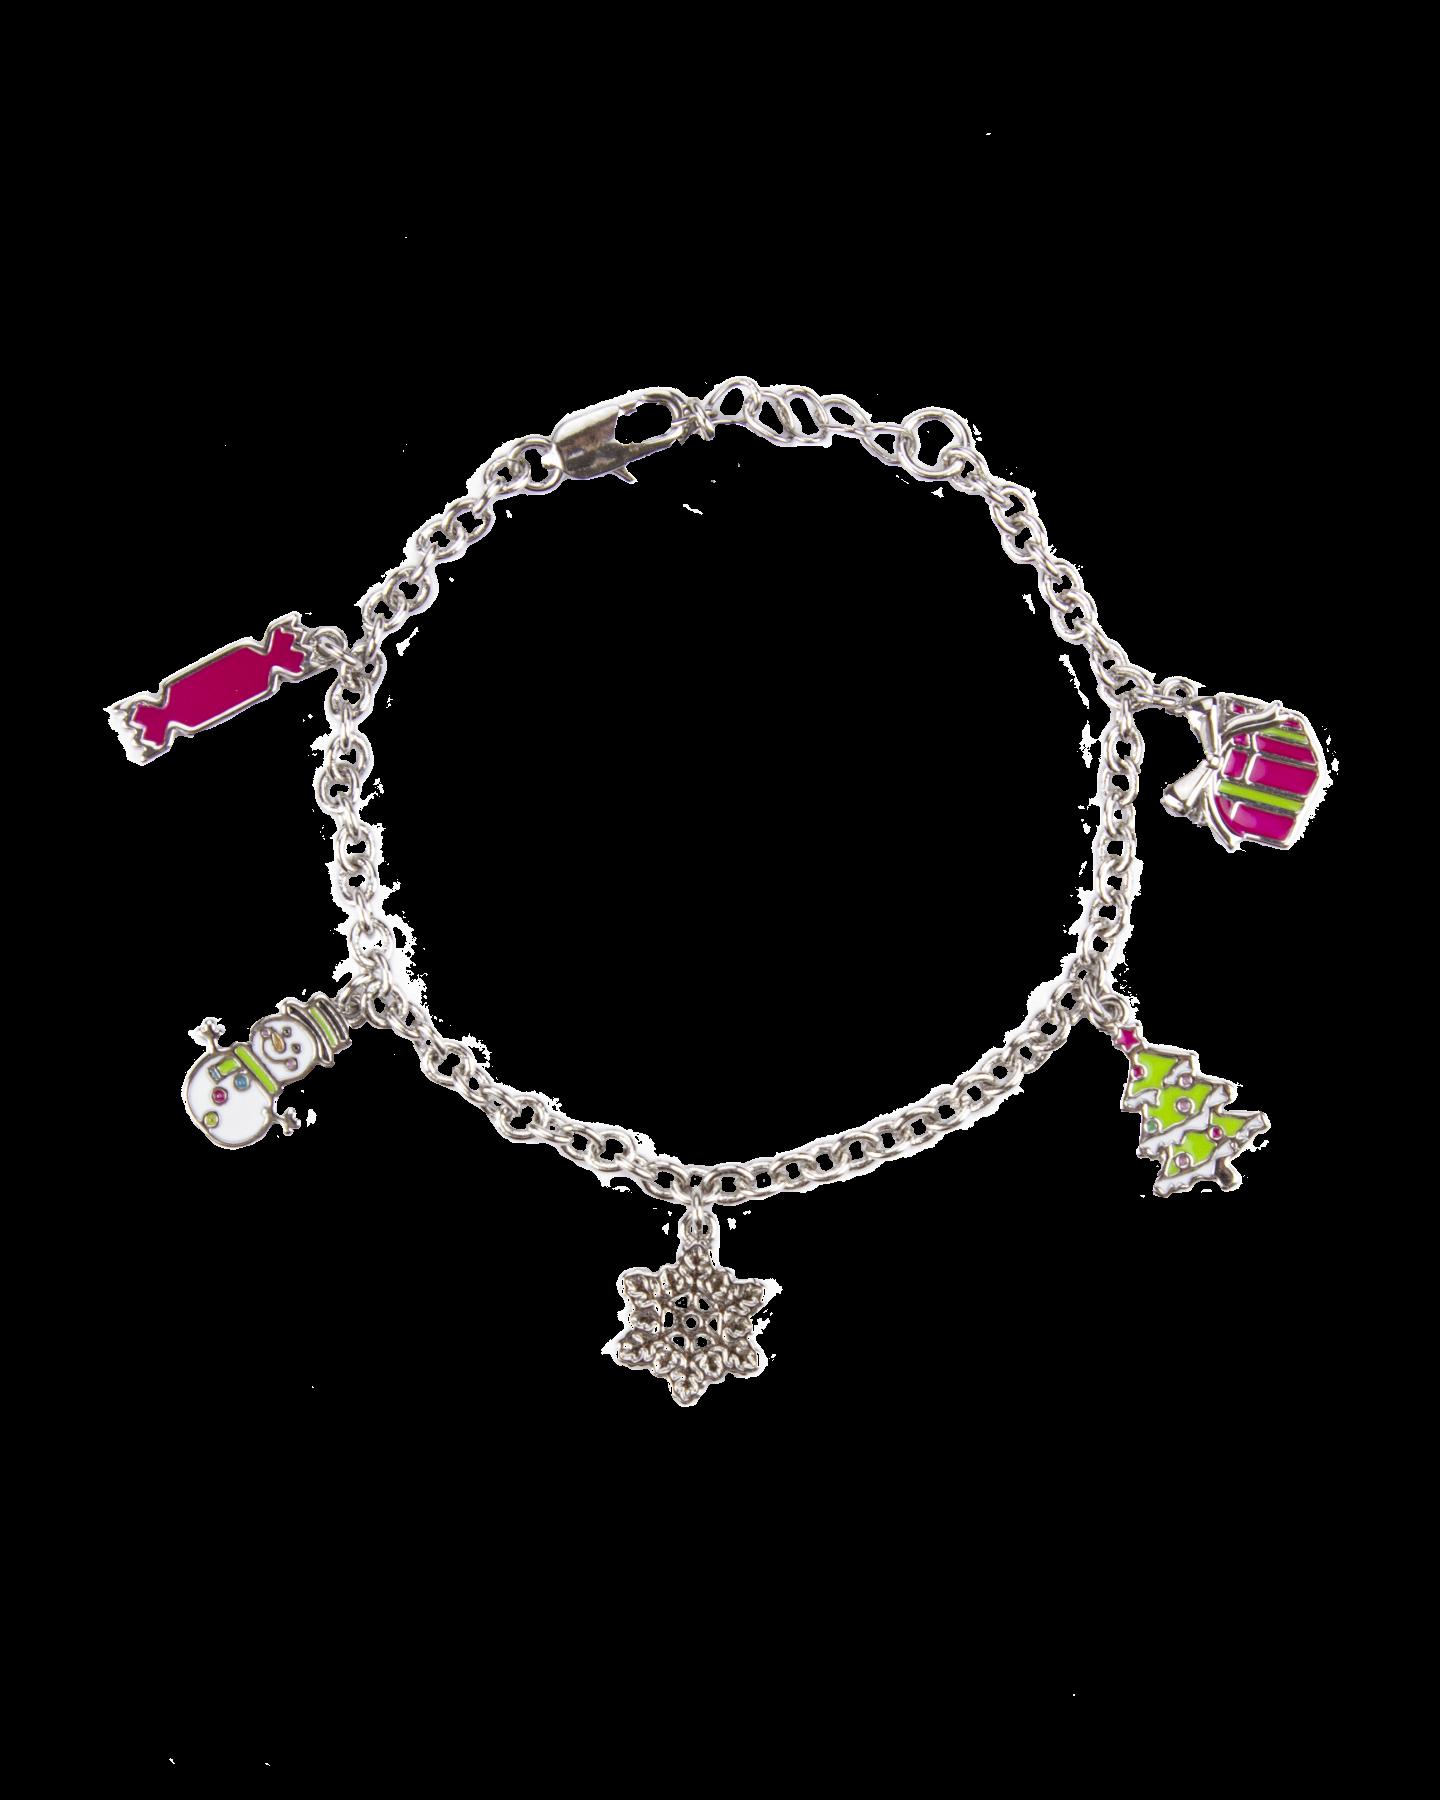 Gecko Kidsmas charm bracelet